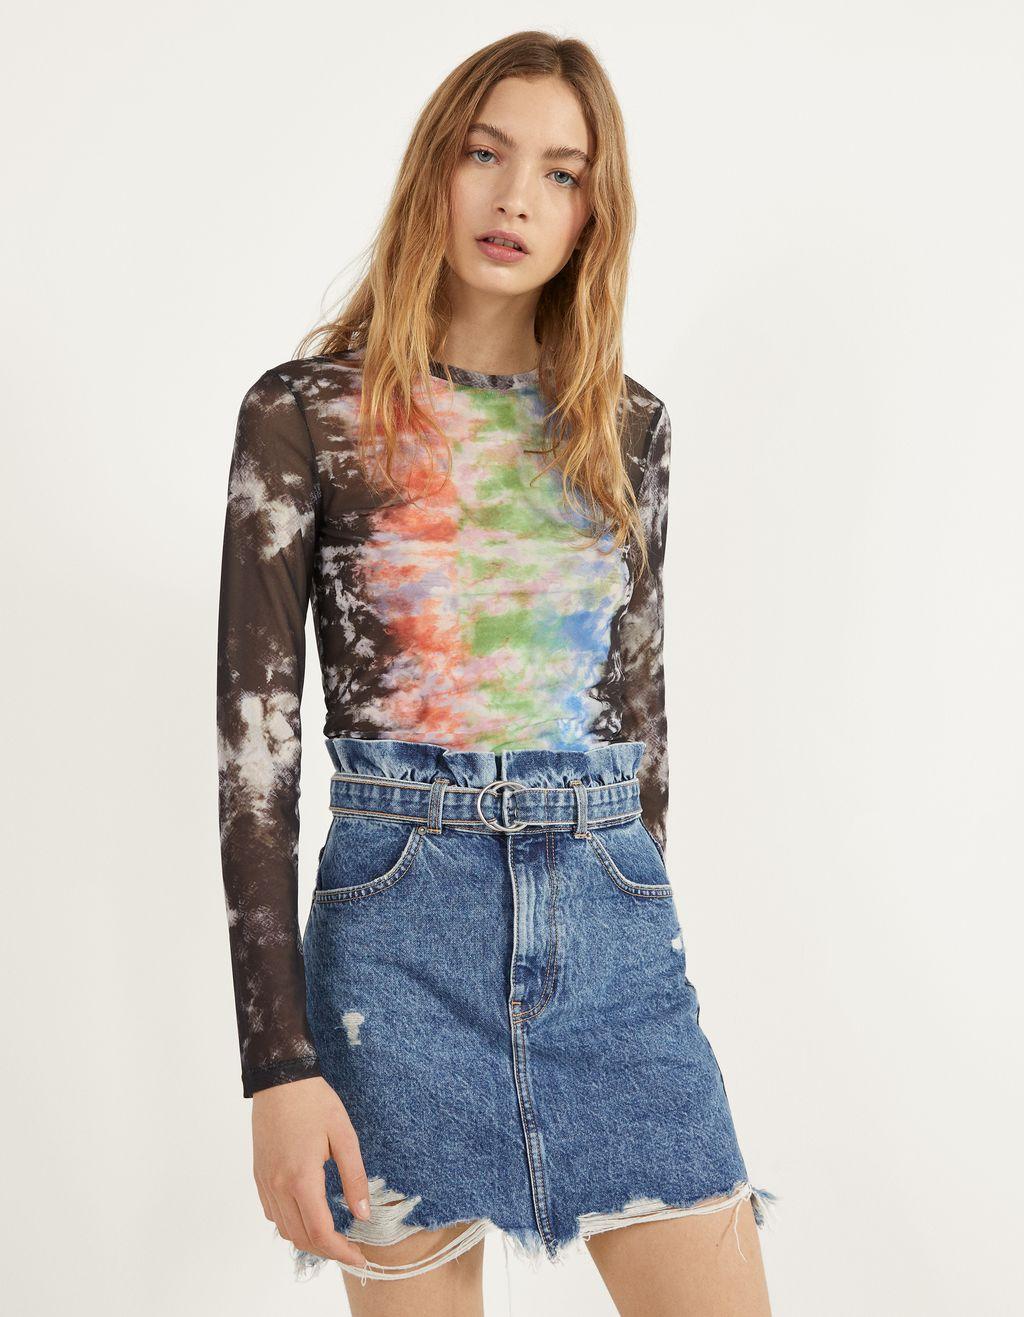 T-shirt de tule com estampado